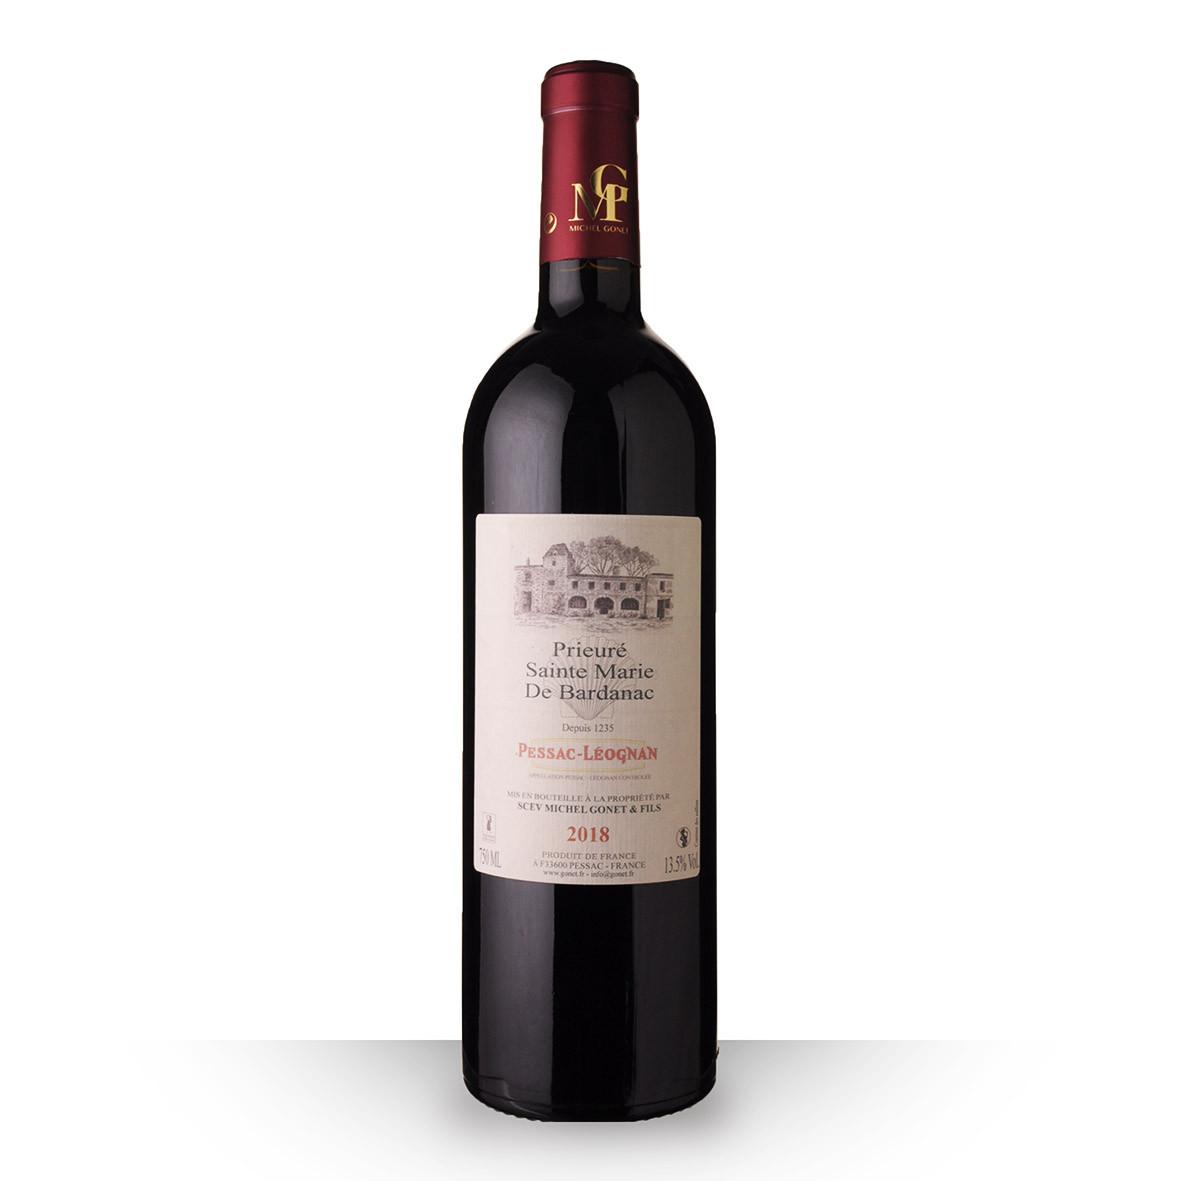 Prieuré Sainte Marie de Bardanac Pessac-Léognan Rouge 2018 75cl www.odyssee-vins.com